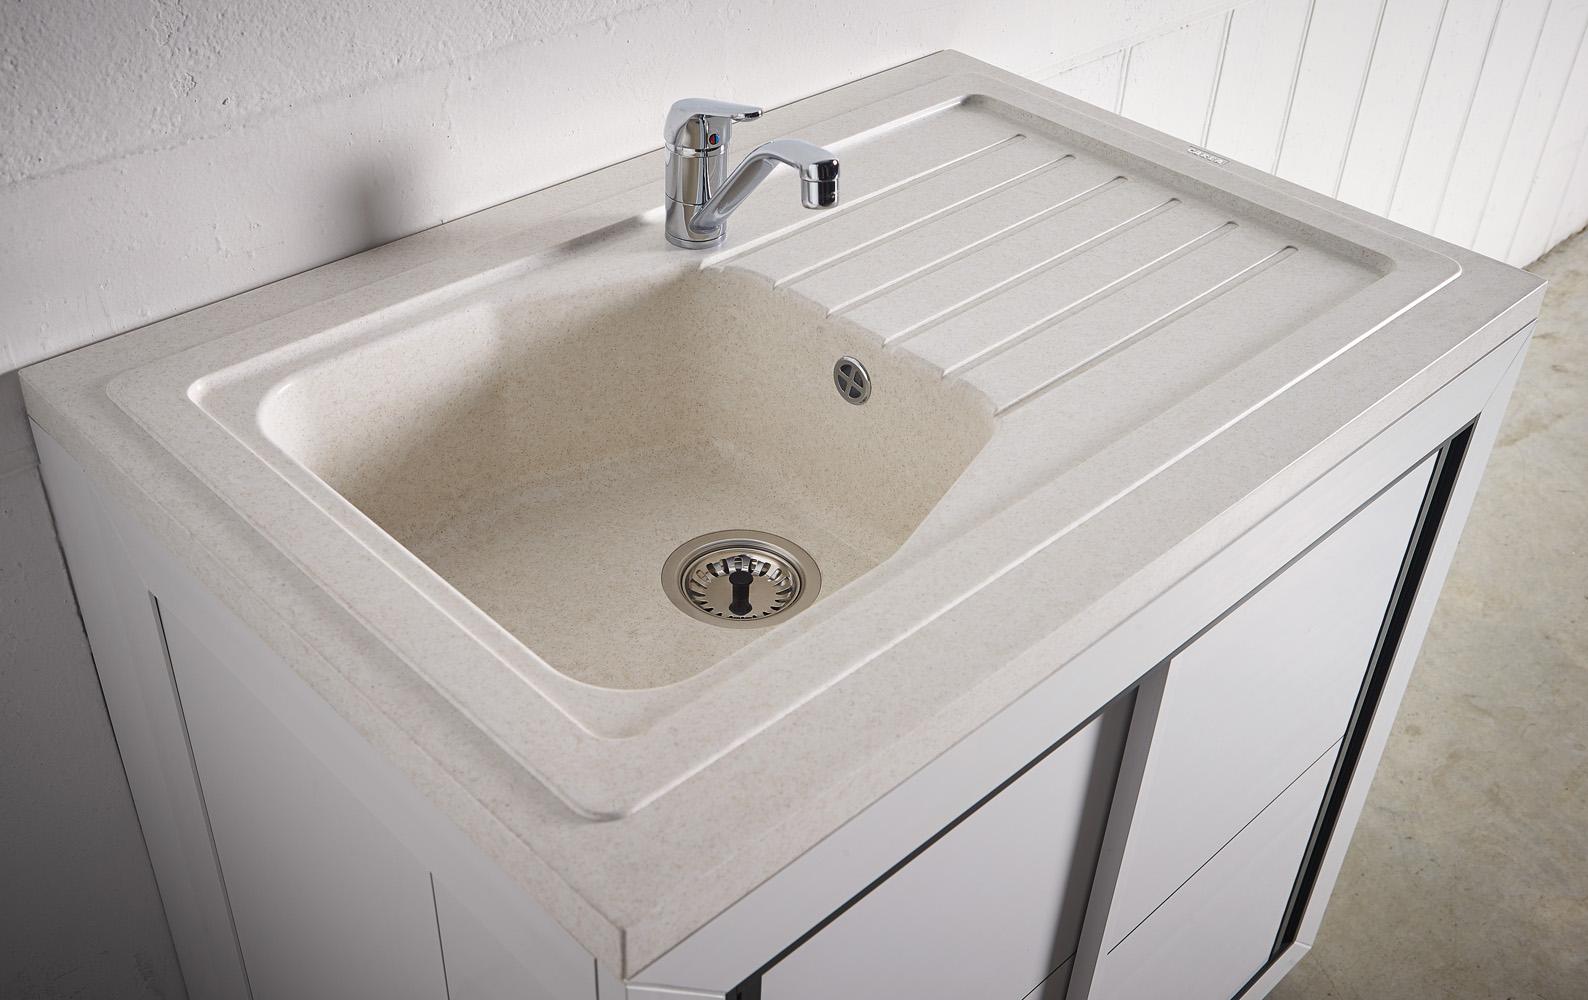 carea sanitaire vend e normandie meuble pvc carea. Black Bedroom Furniture Sets. Home Design Ideas